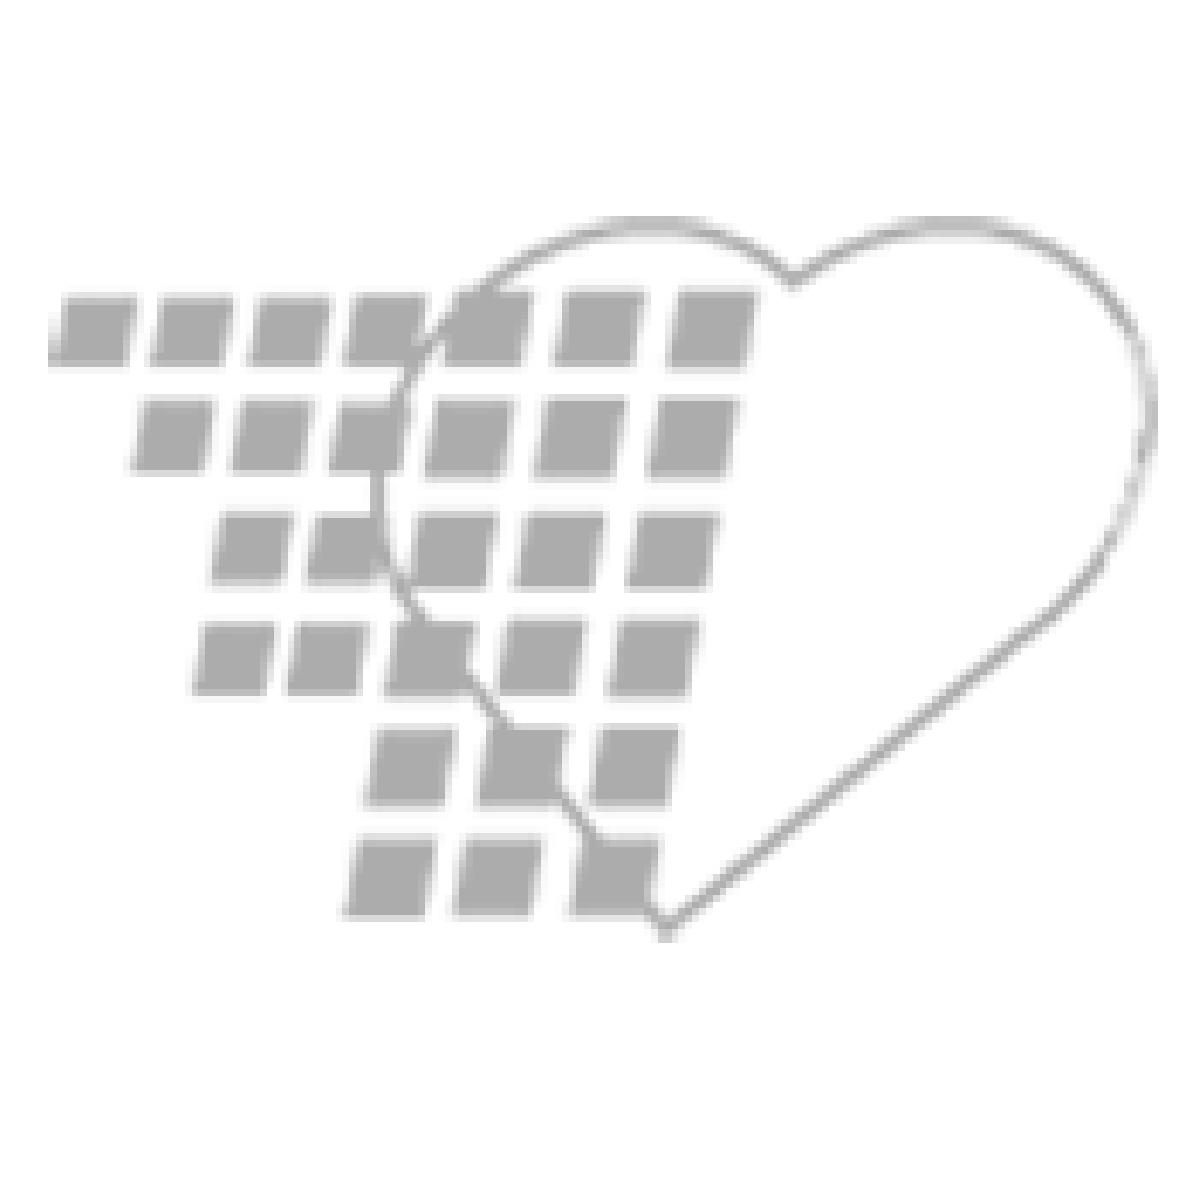 05-87-1150 - Plasti-Grad 1200mL